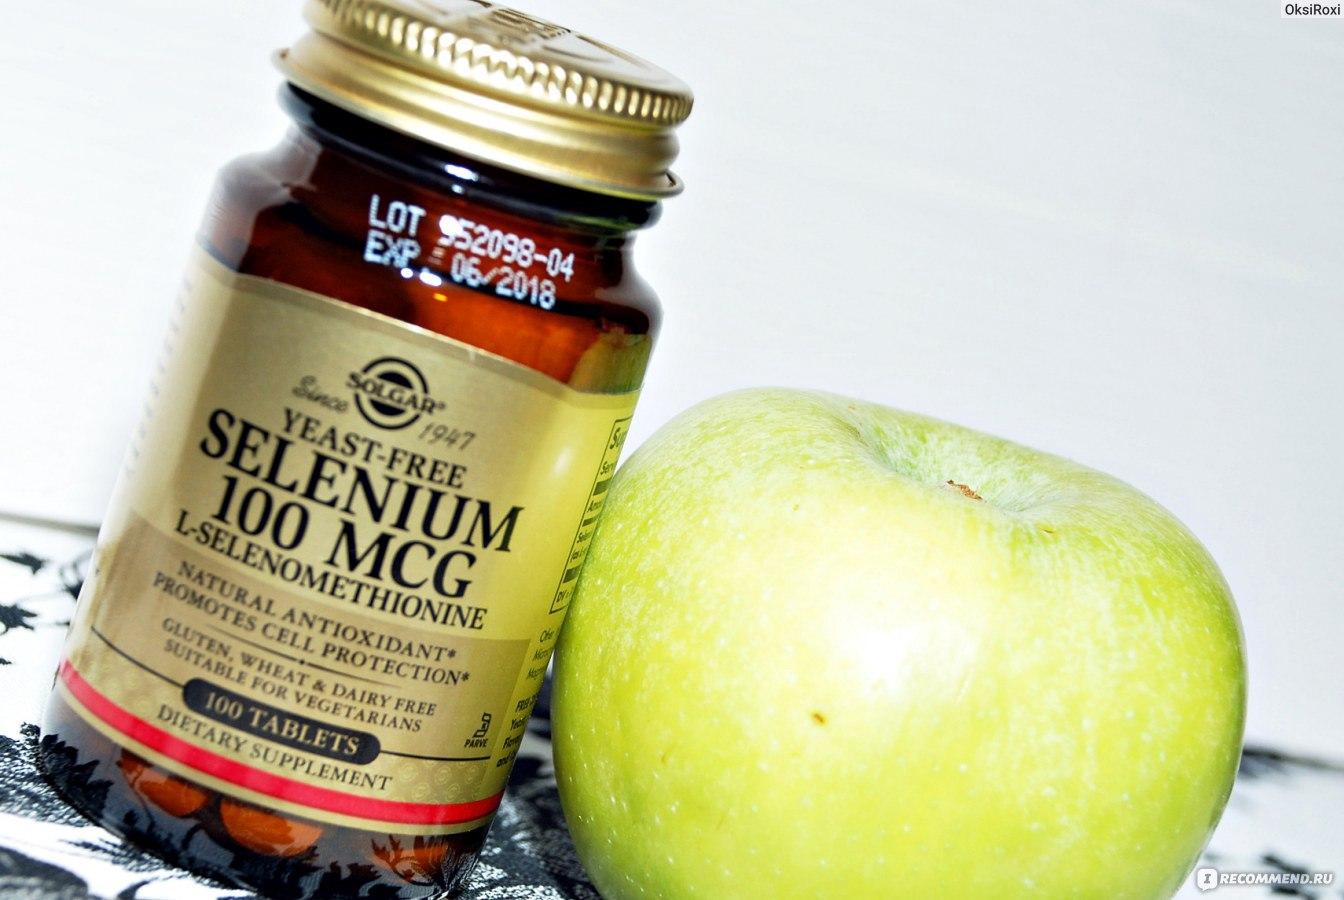 Бромелайн: экстракт ананаса для похудения, рецепты с водкой, отзывы и инструкция по применению, сжигает ли жир с яблочным уксусом, солгар